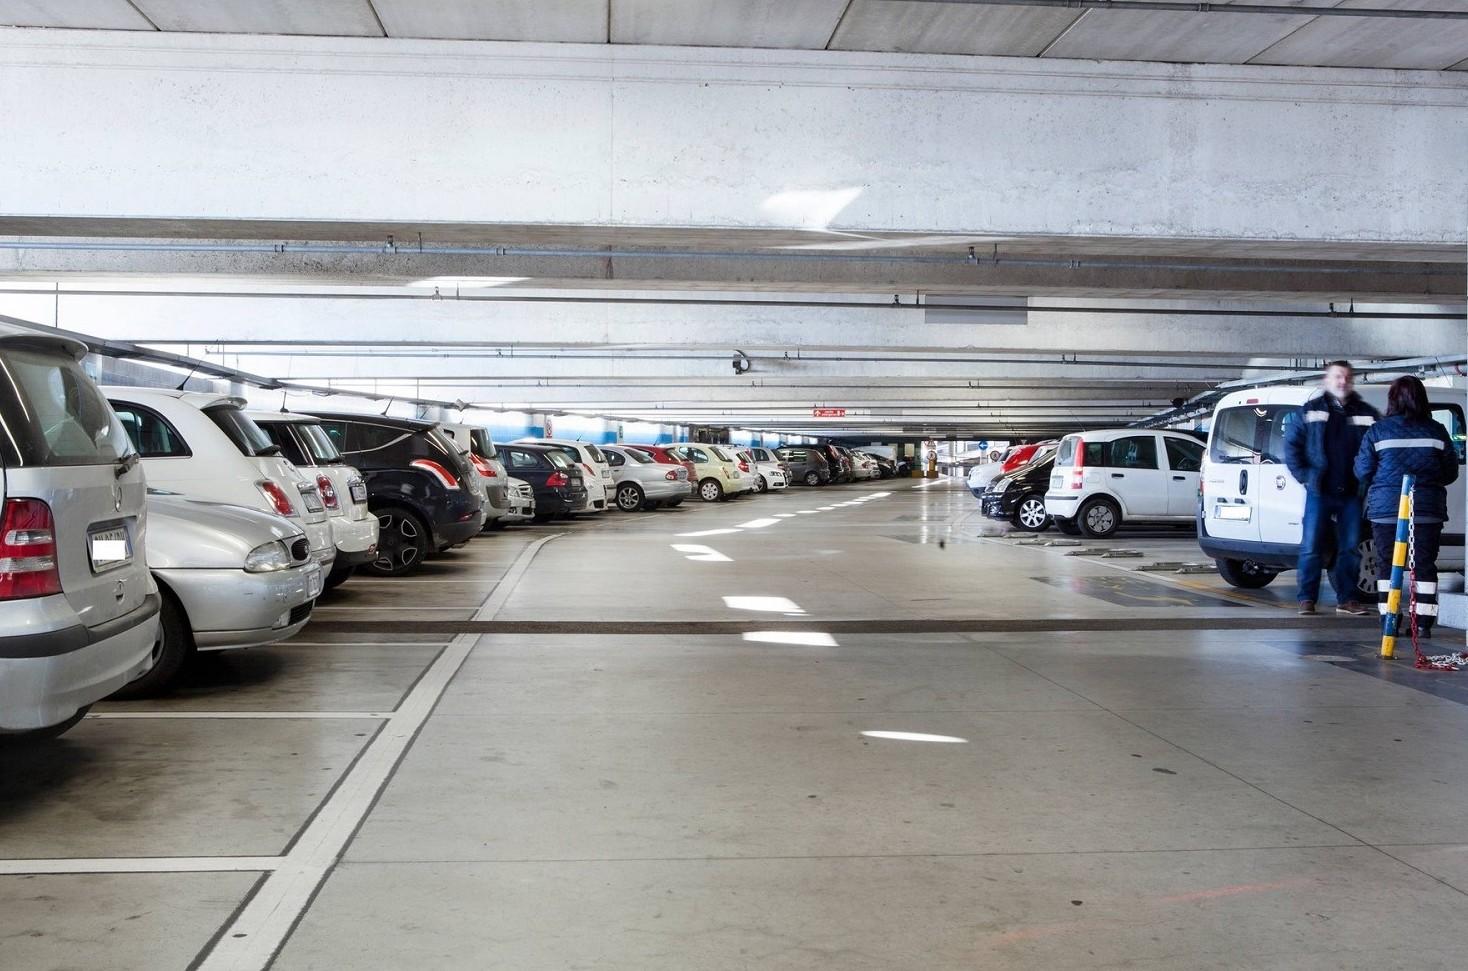 Dimensioni parcheggio: ecco le misure minime